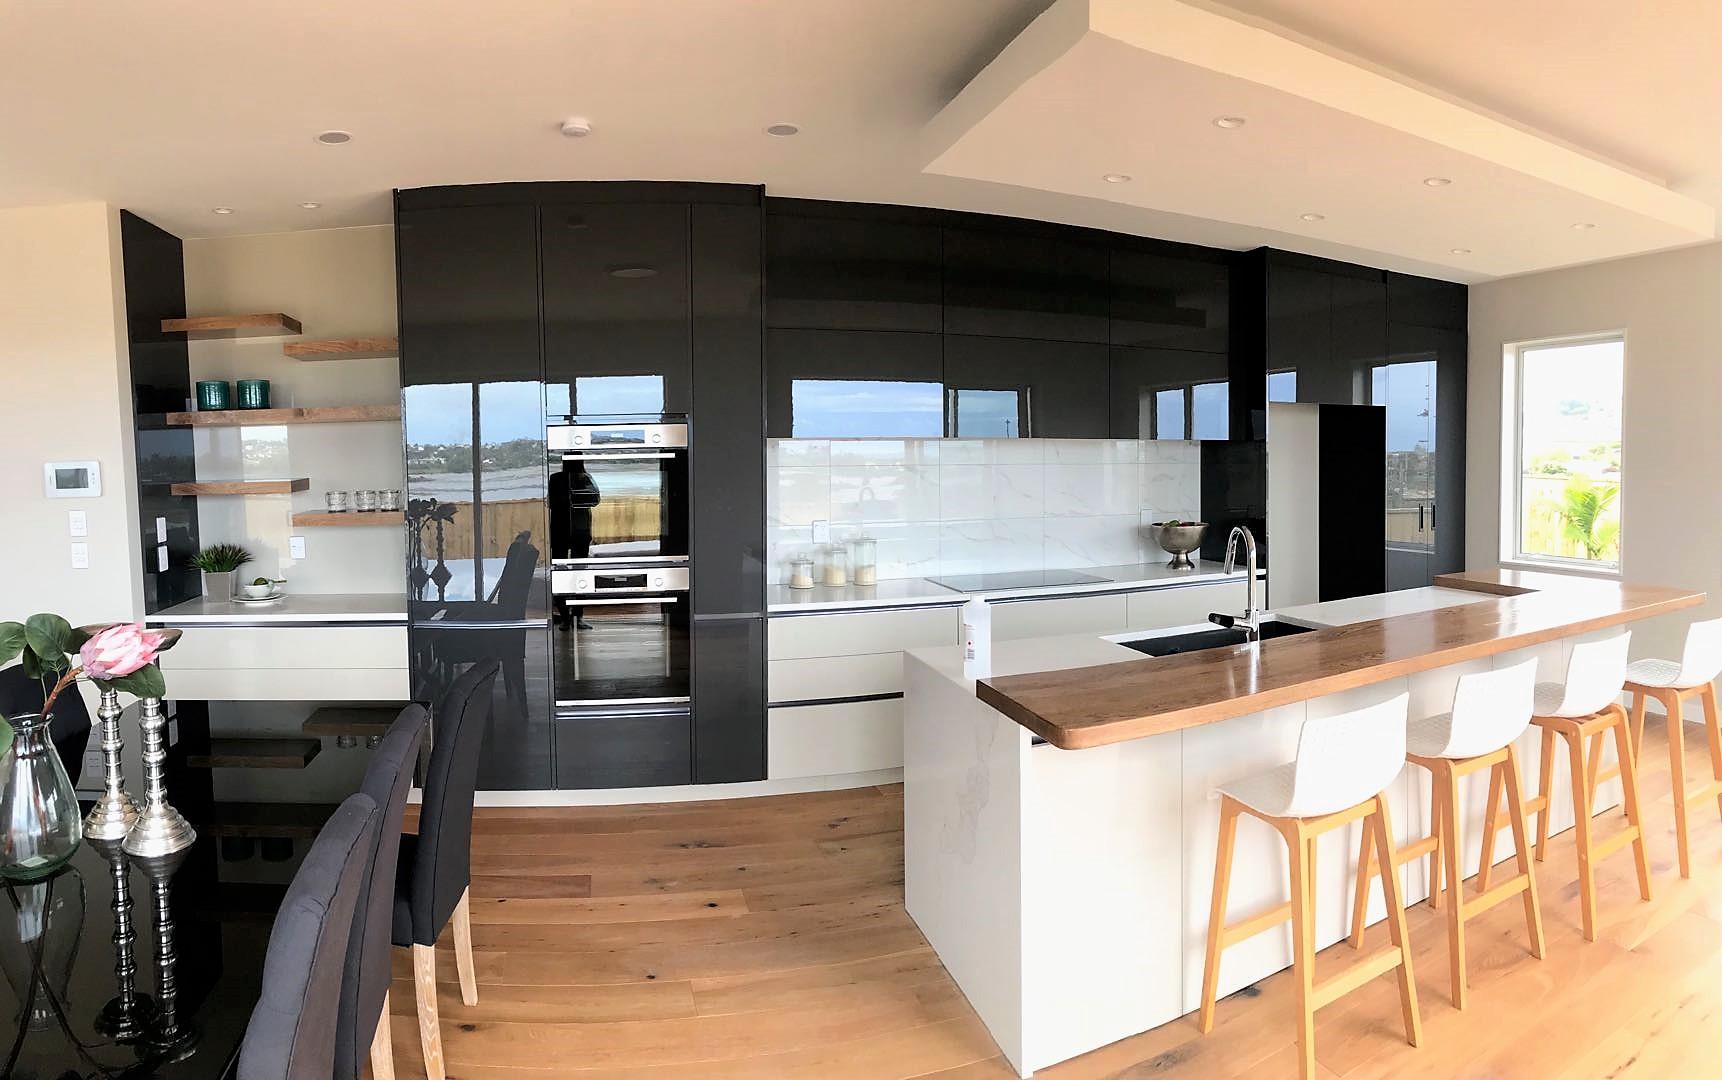 Orewa's kitchen - GJ Kitchens - Auckland kitchens, New ... on Kitchen  id=17459